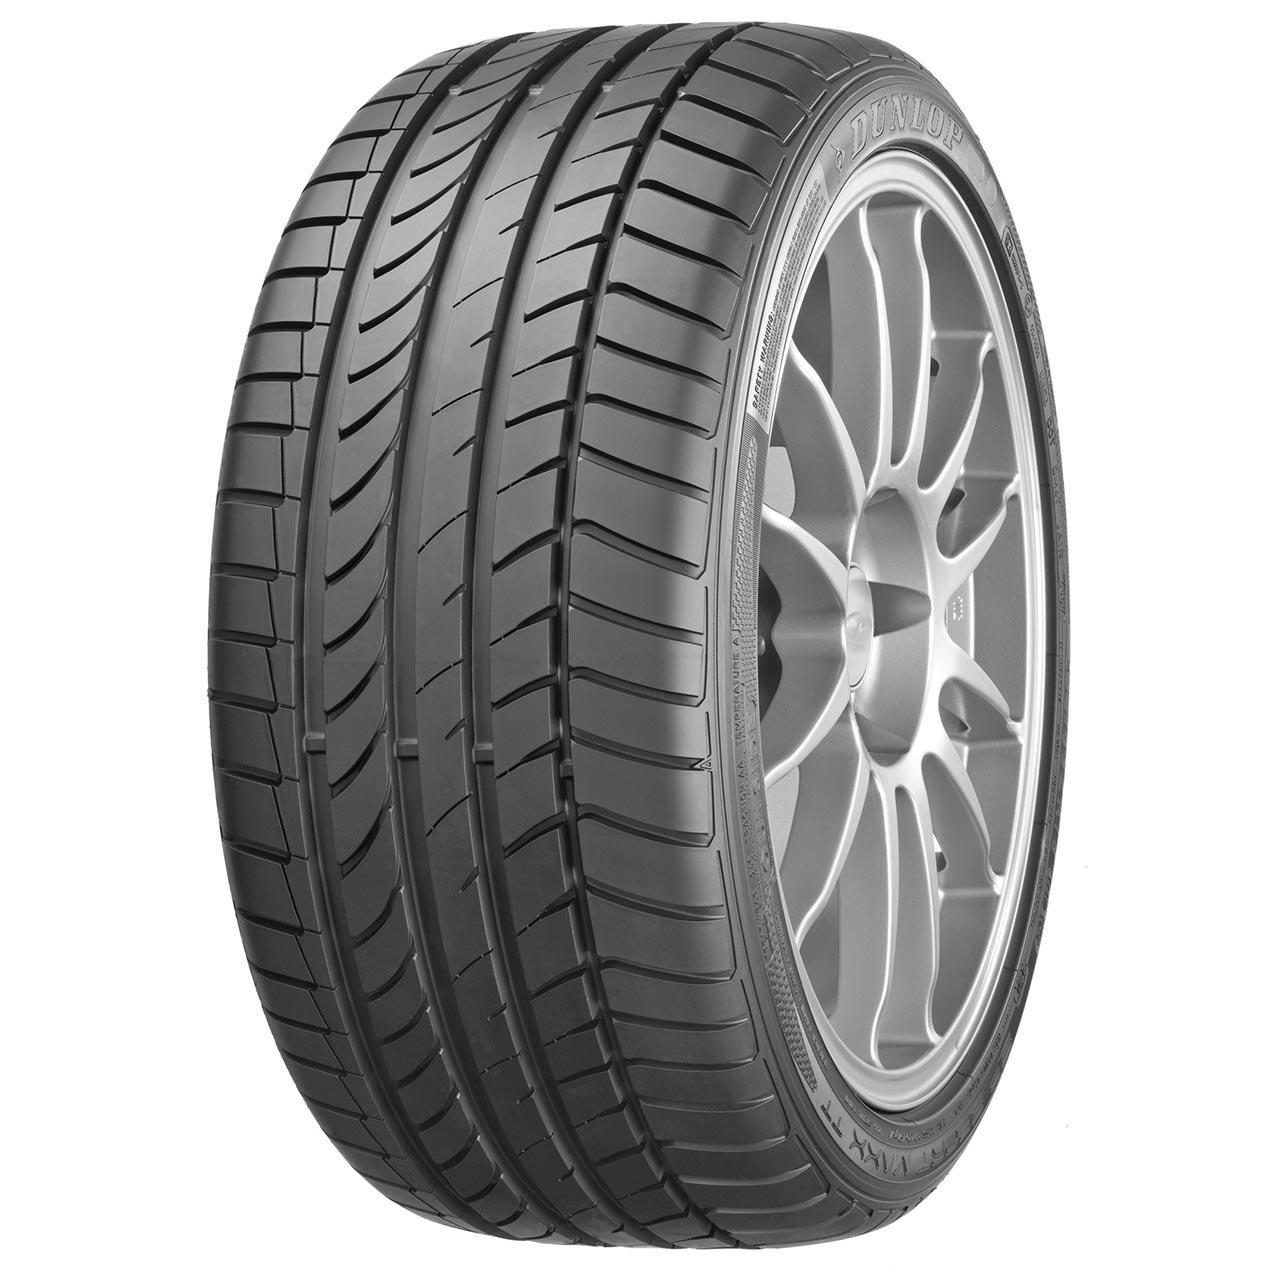 Dunlop SP Sport Maxx TT 245/50R18 100W MFS